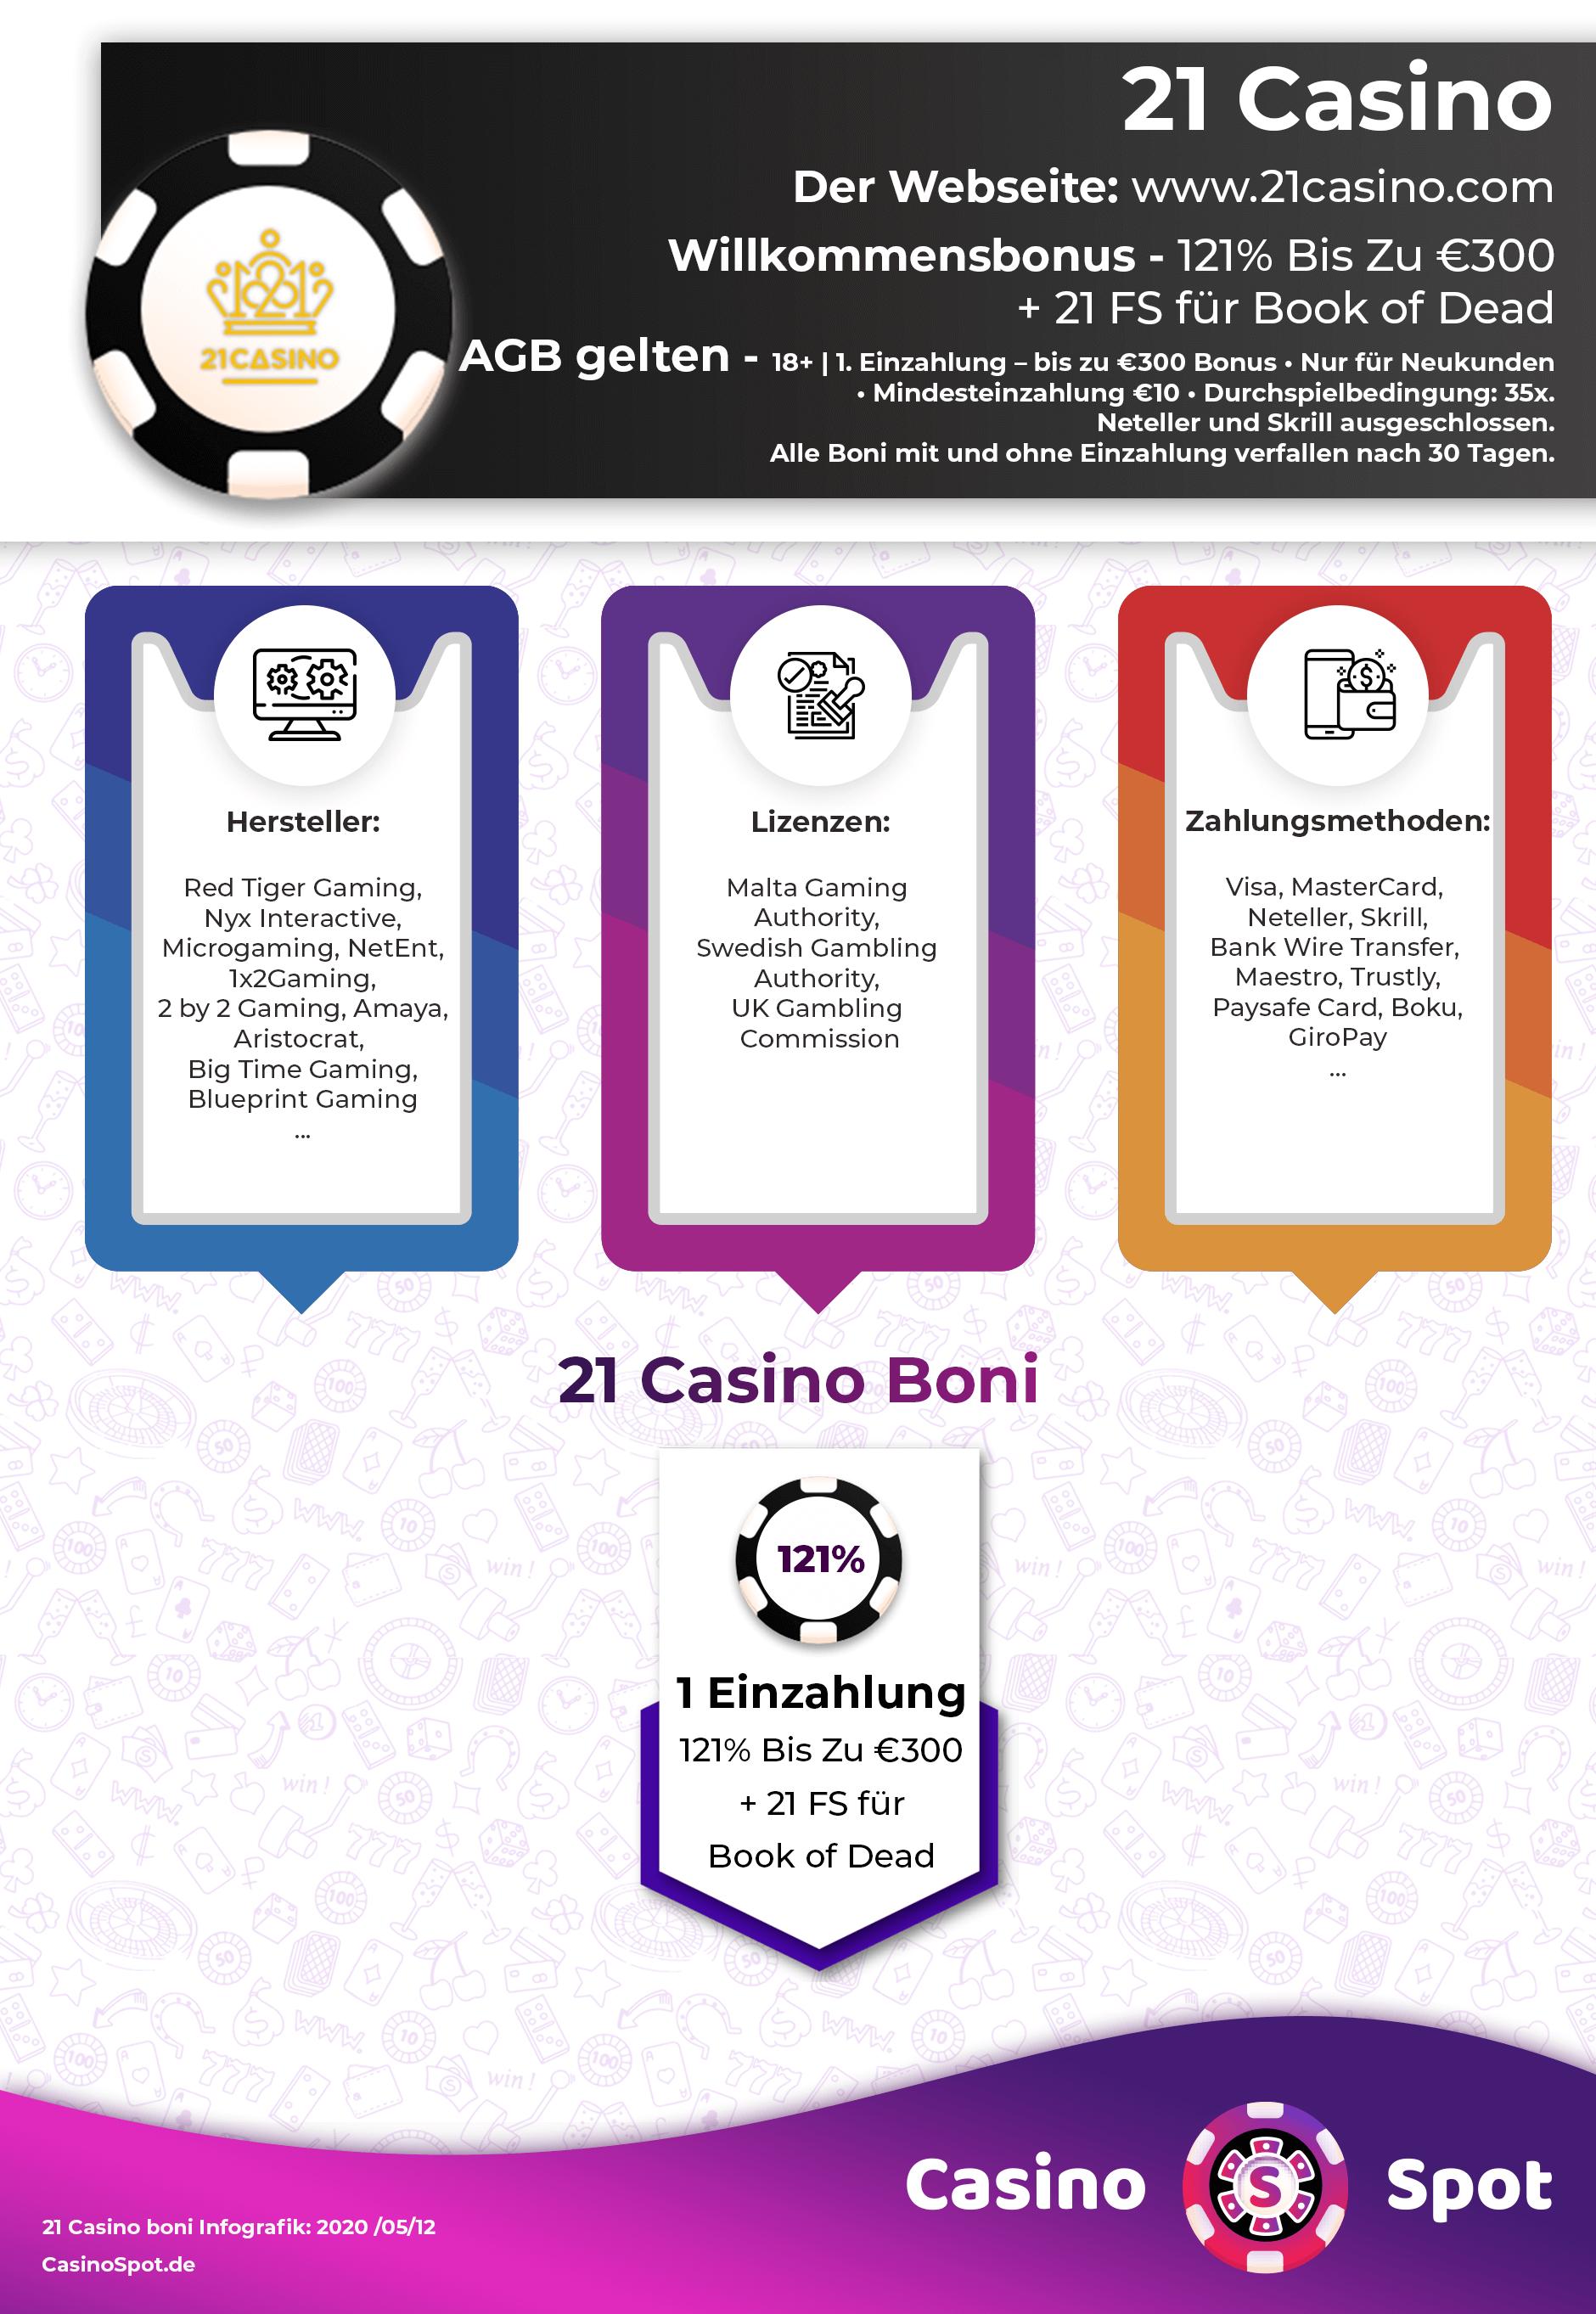 21 Casino Bonus Codes